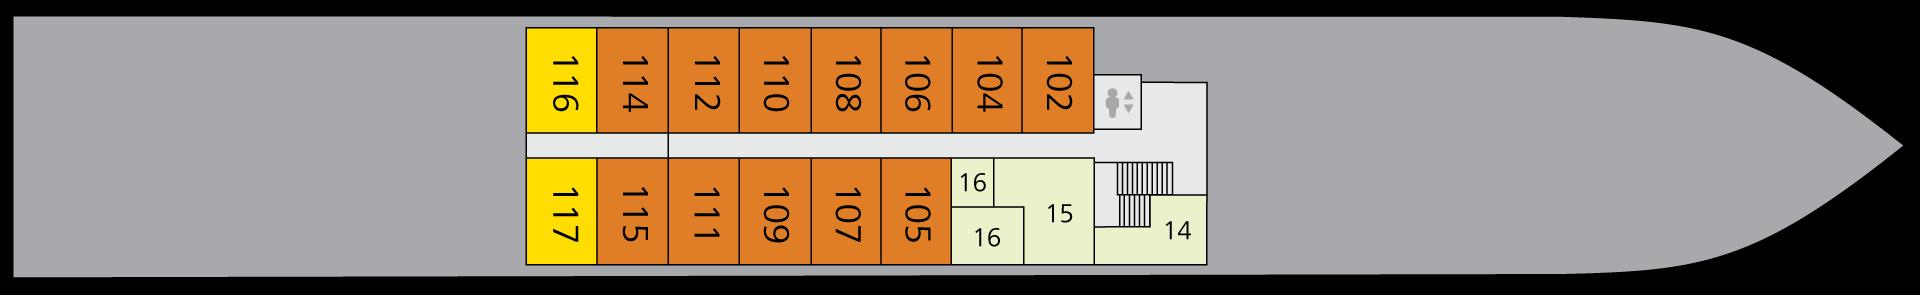 A-ROSA ALVA Deck 1